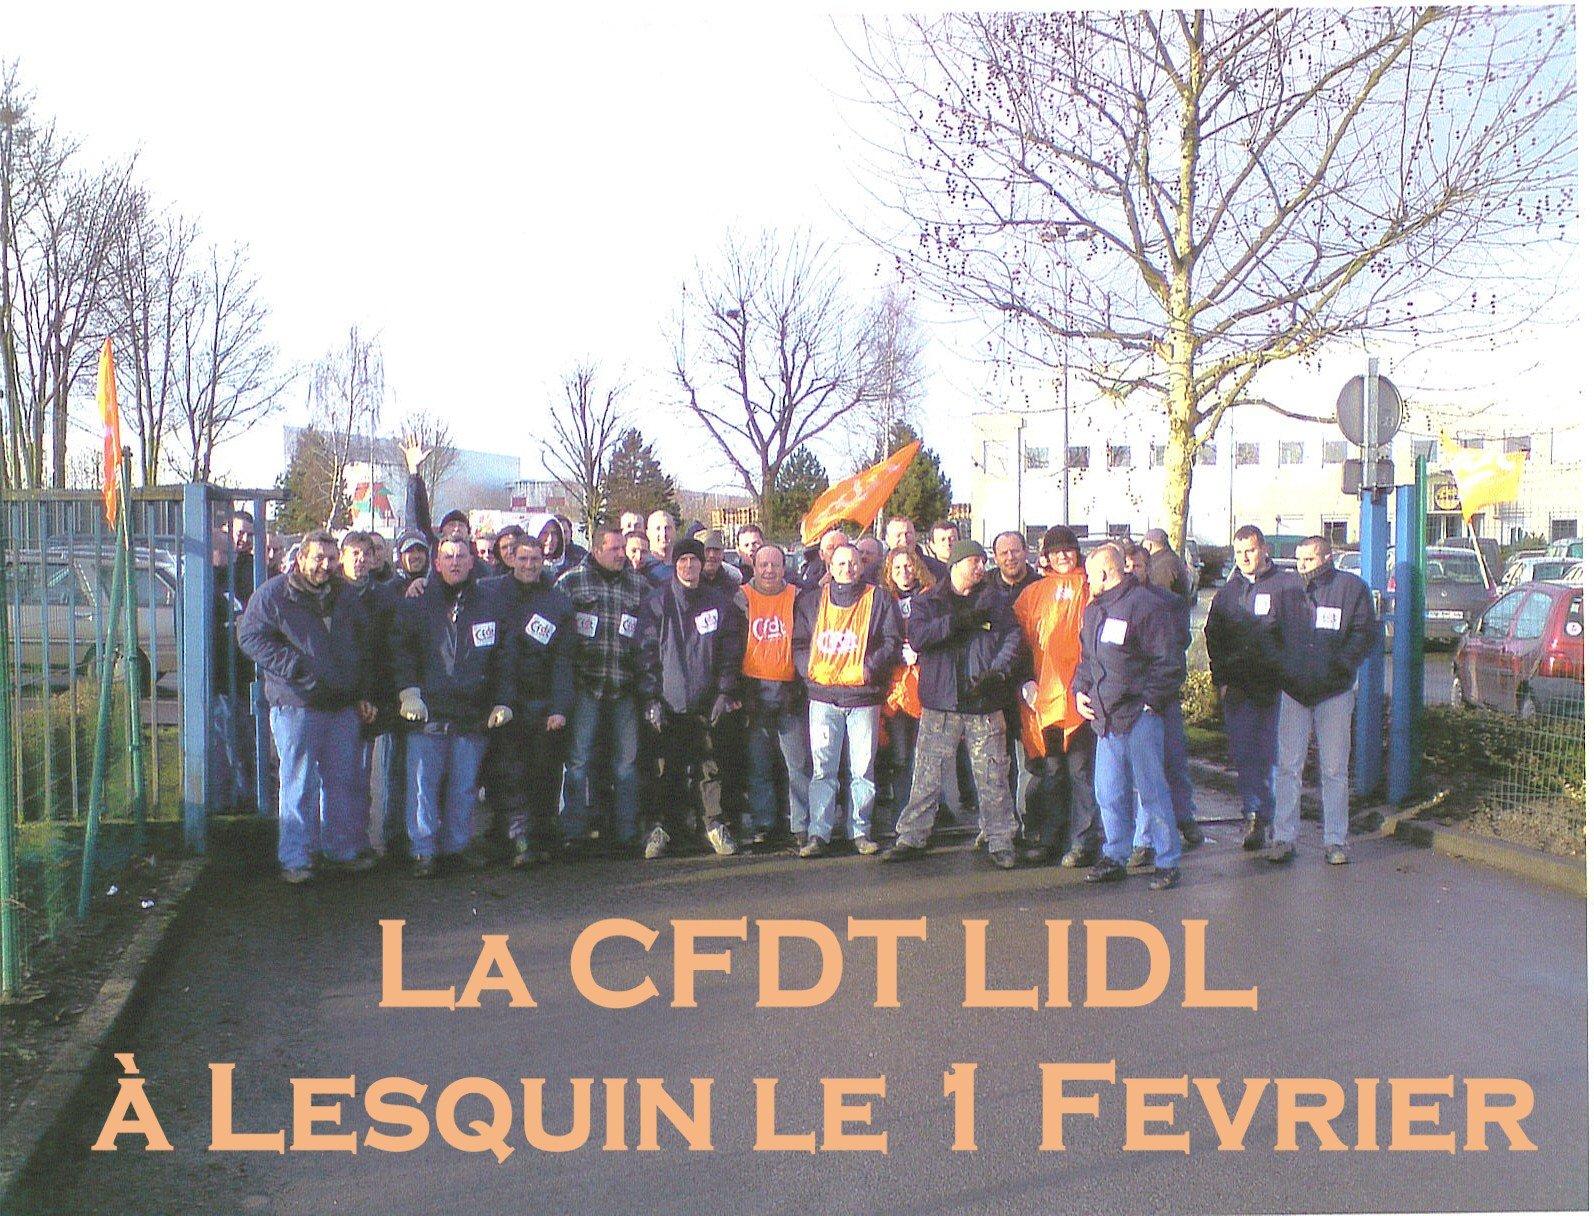 Le 1er Fevrier succes de mobilisation chez Lidl kiblerandco